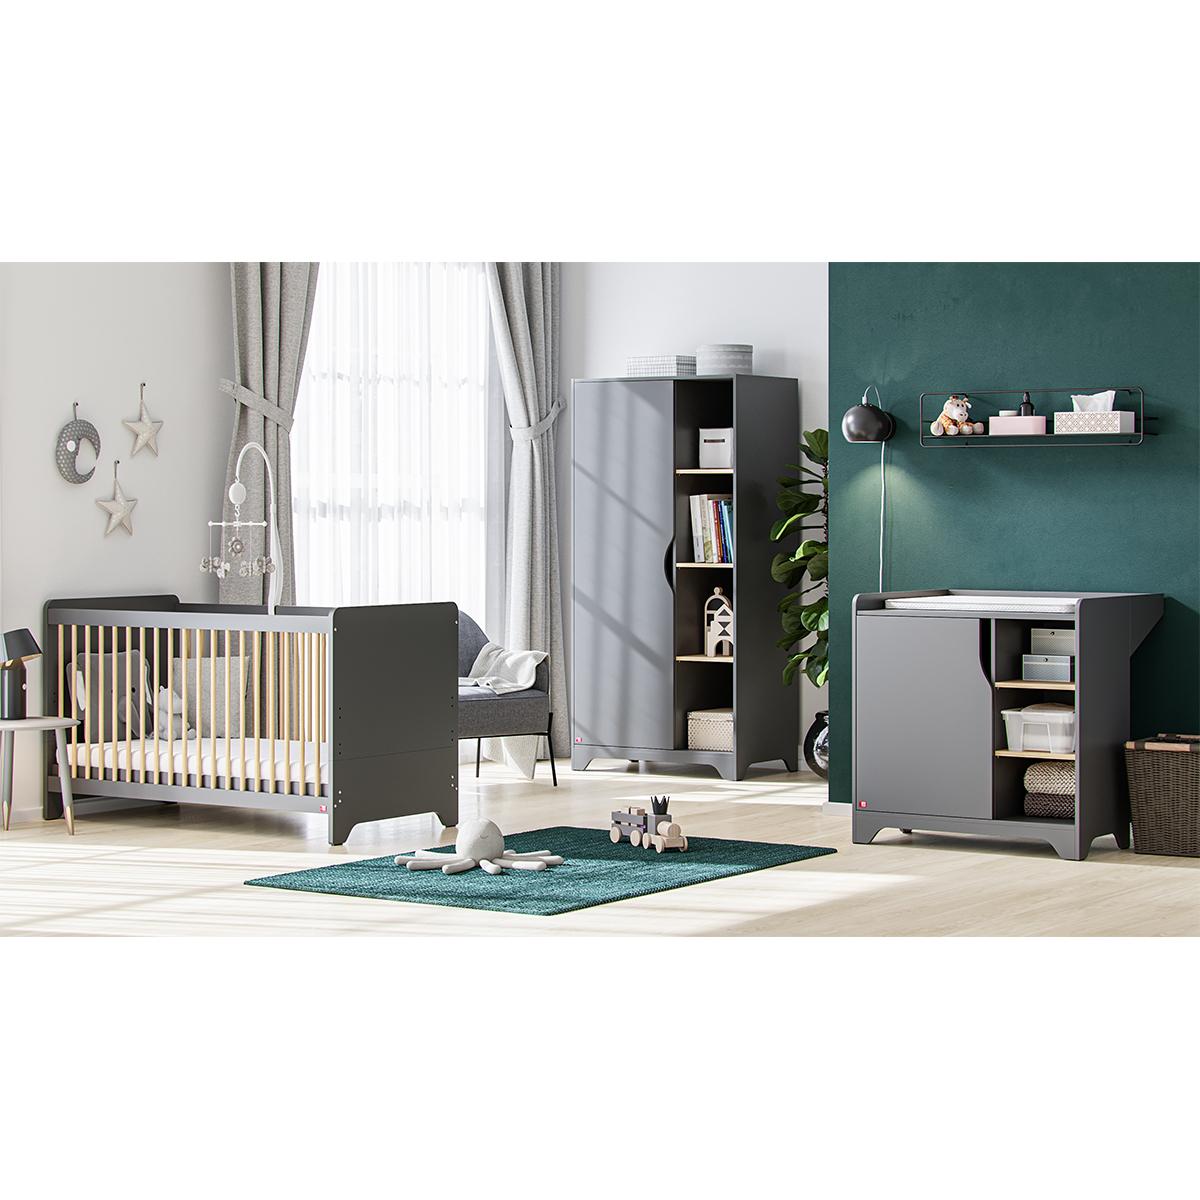 Chambre complète lit bébé 60x120 - commode à langer - armoire 1 porte Vox Leaf - Gris et bois